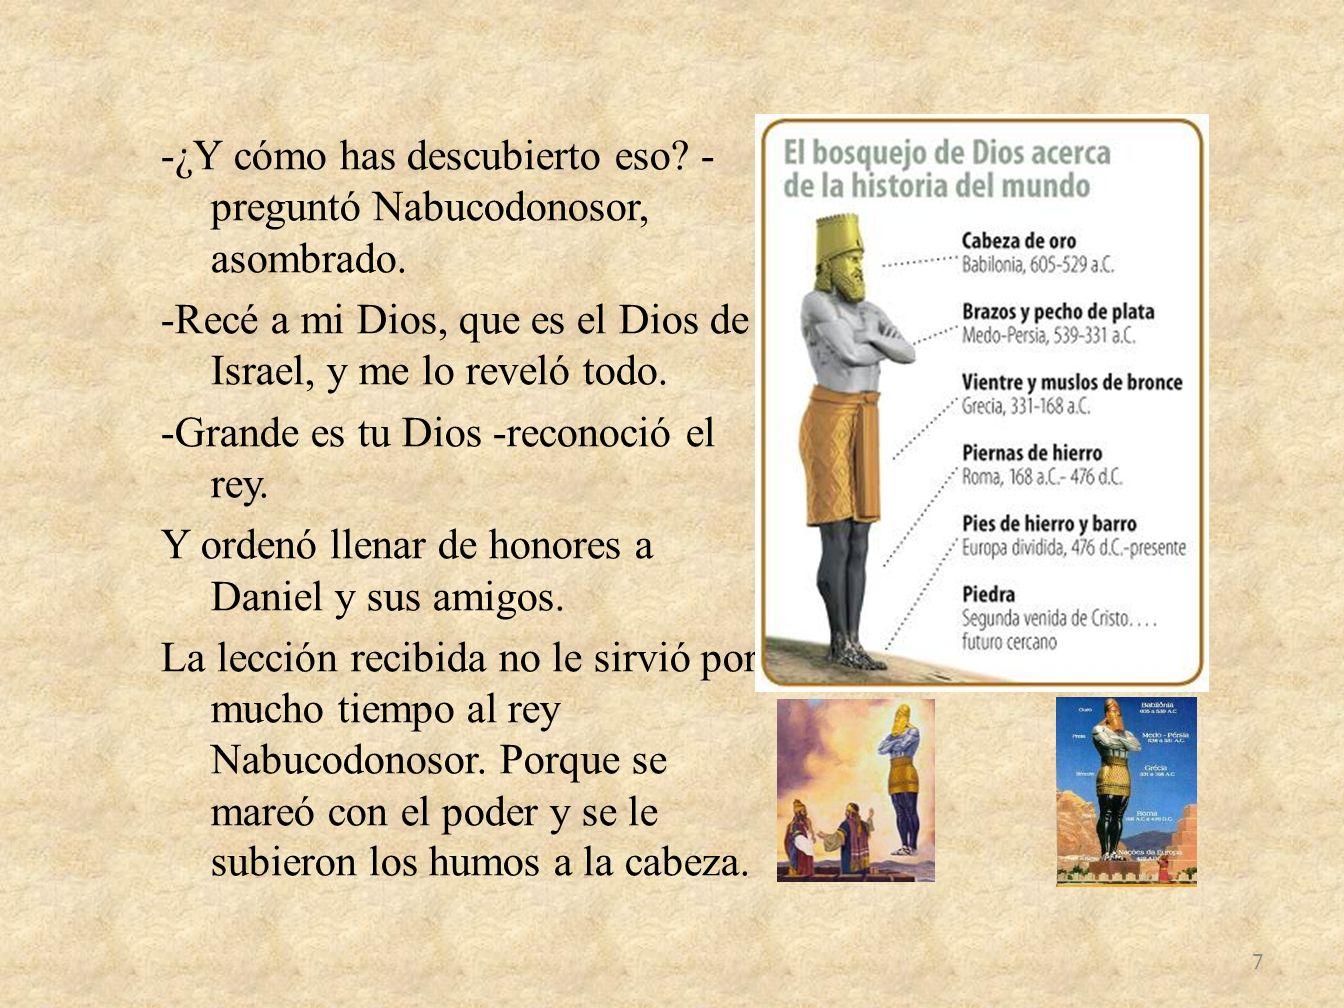 -¿Y cómo has descubierto eso? - preguntó Nabucodonosor, asombrado. -Recé a mi Dios, que es el Dios de Israel, y me lo reveló todo. -Grande es tu Dios